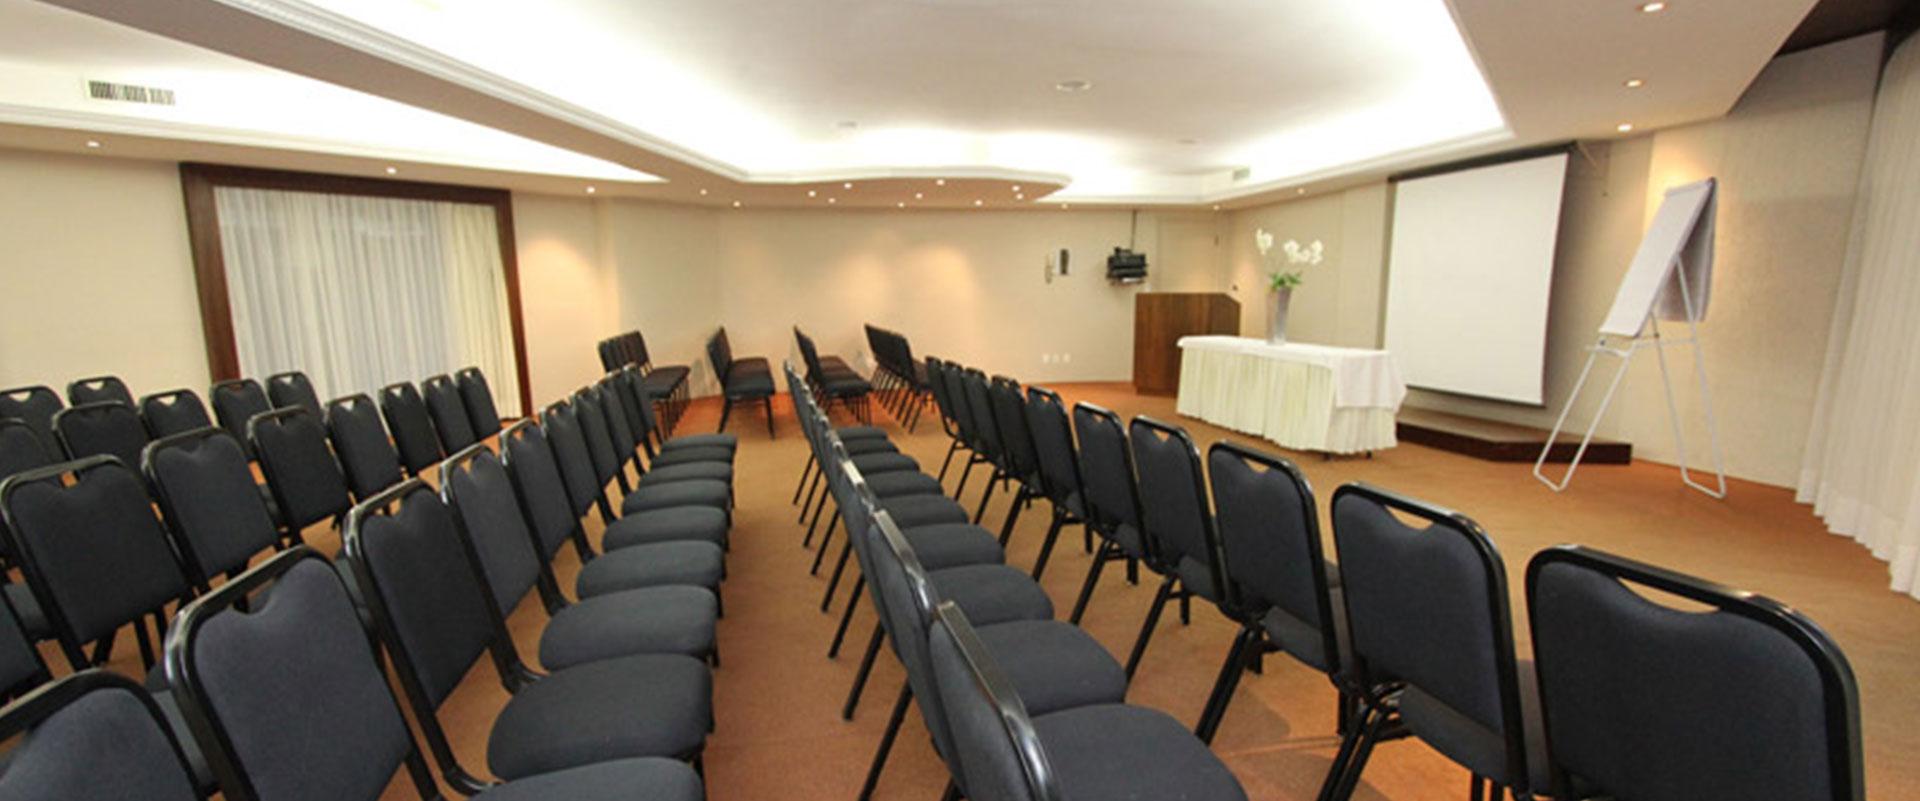 Imagem Hotel Zanon - Eventos